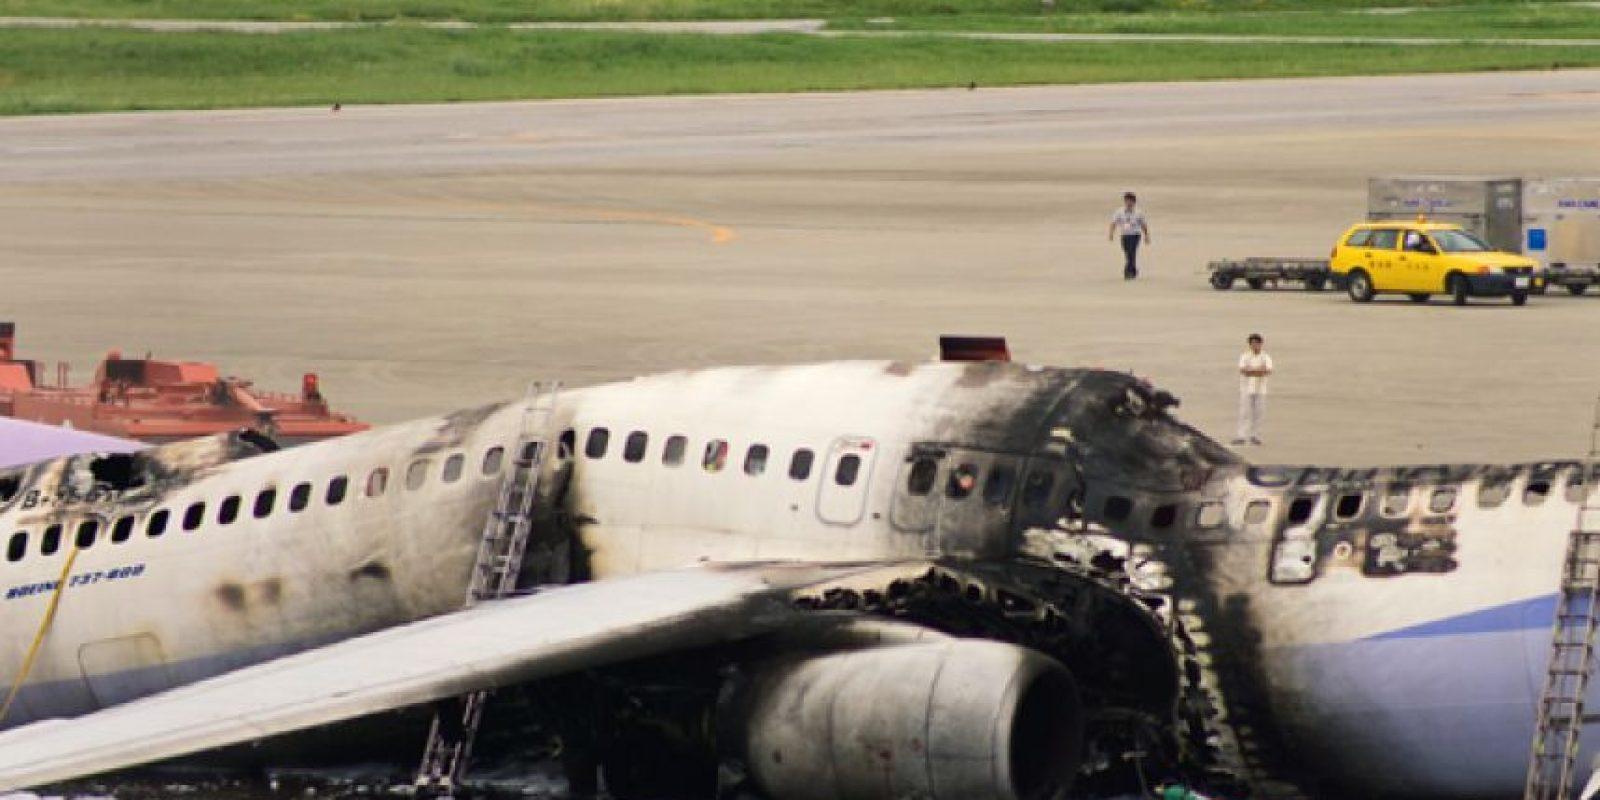 Un error del piloto cobró la vida de 264 personas. Accidentalmente presionaron un botón para aterrizar minutos después de haber salido del aeropuerto Nagoya. Piloto y copiloto no pudieron resolver la situación. Foto:Wikipedia